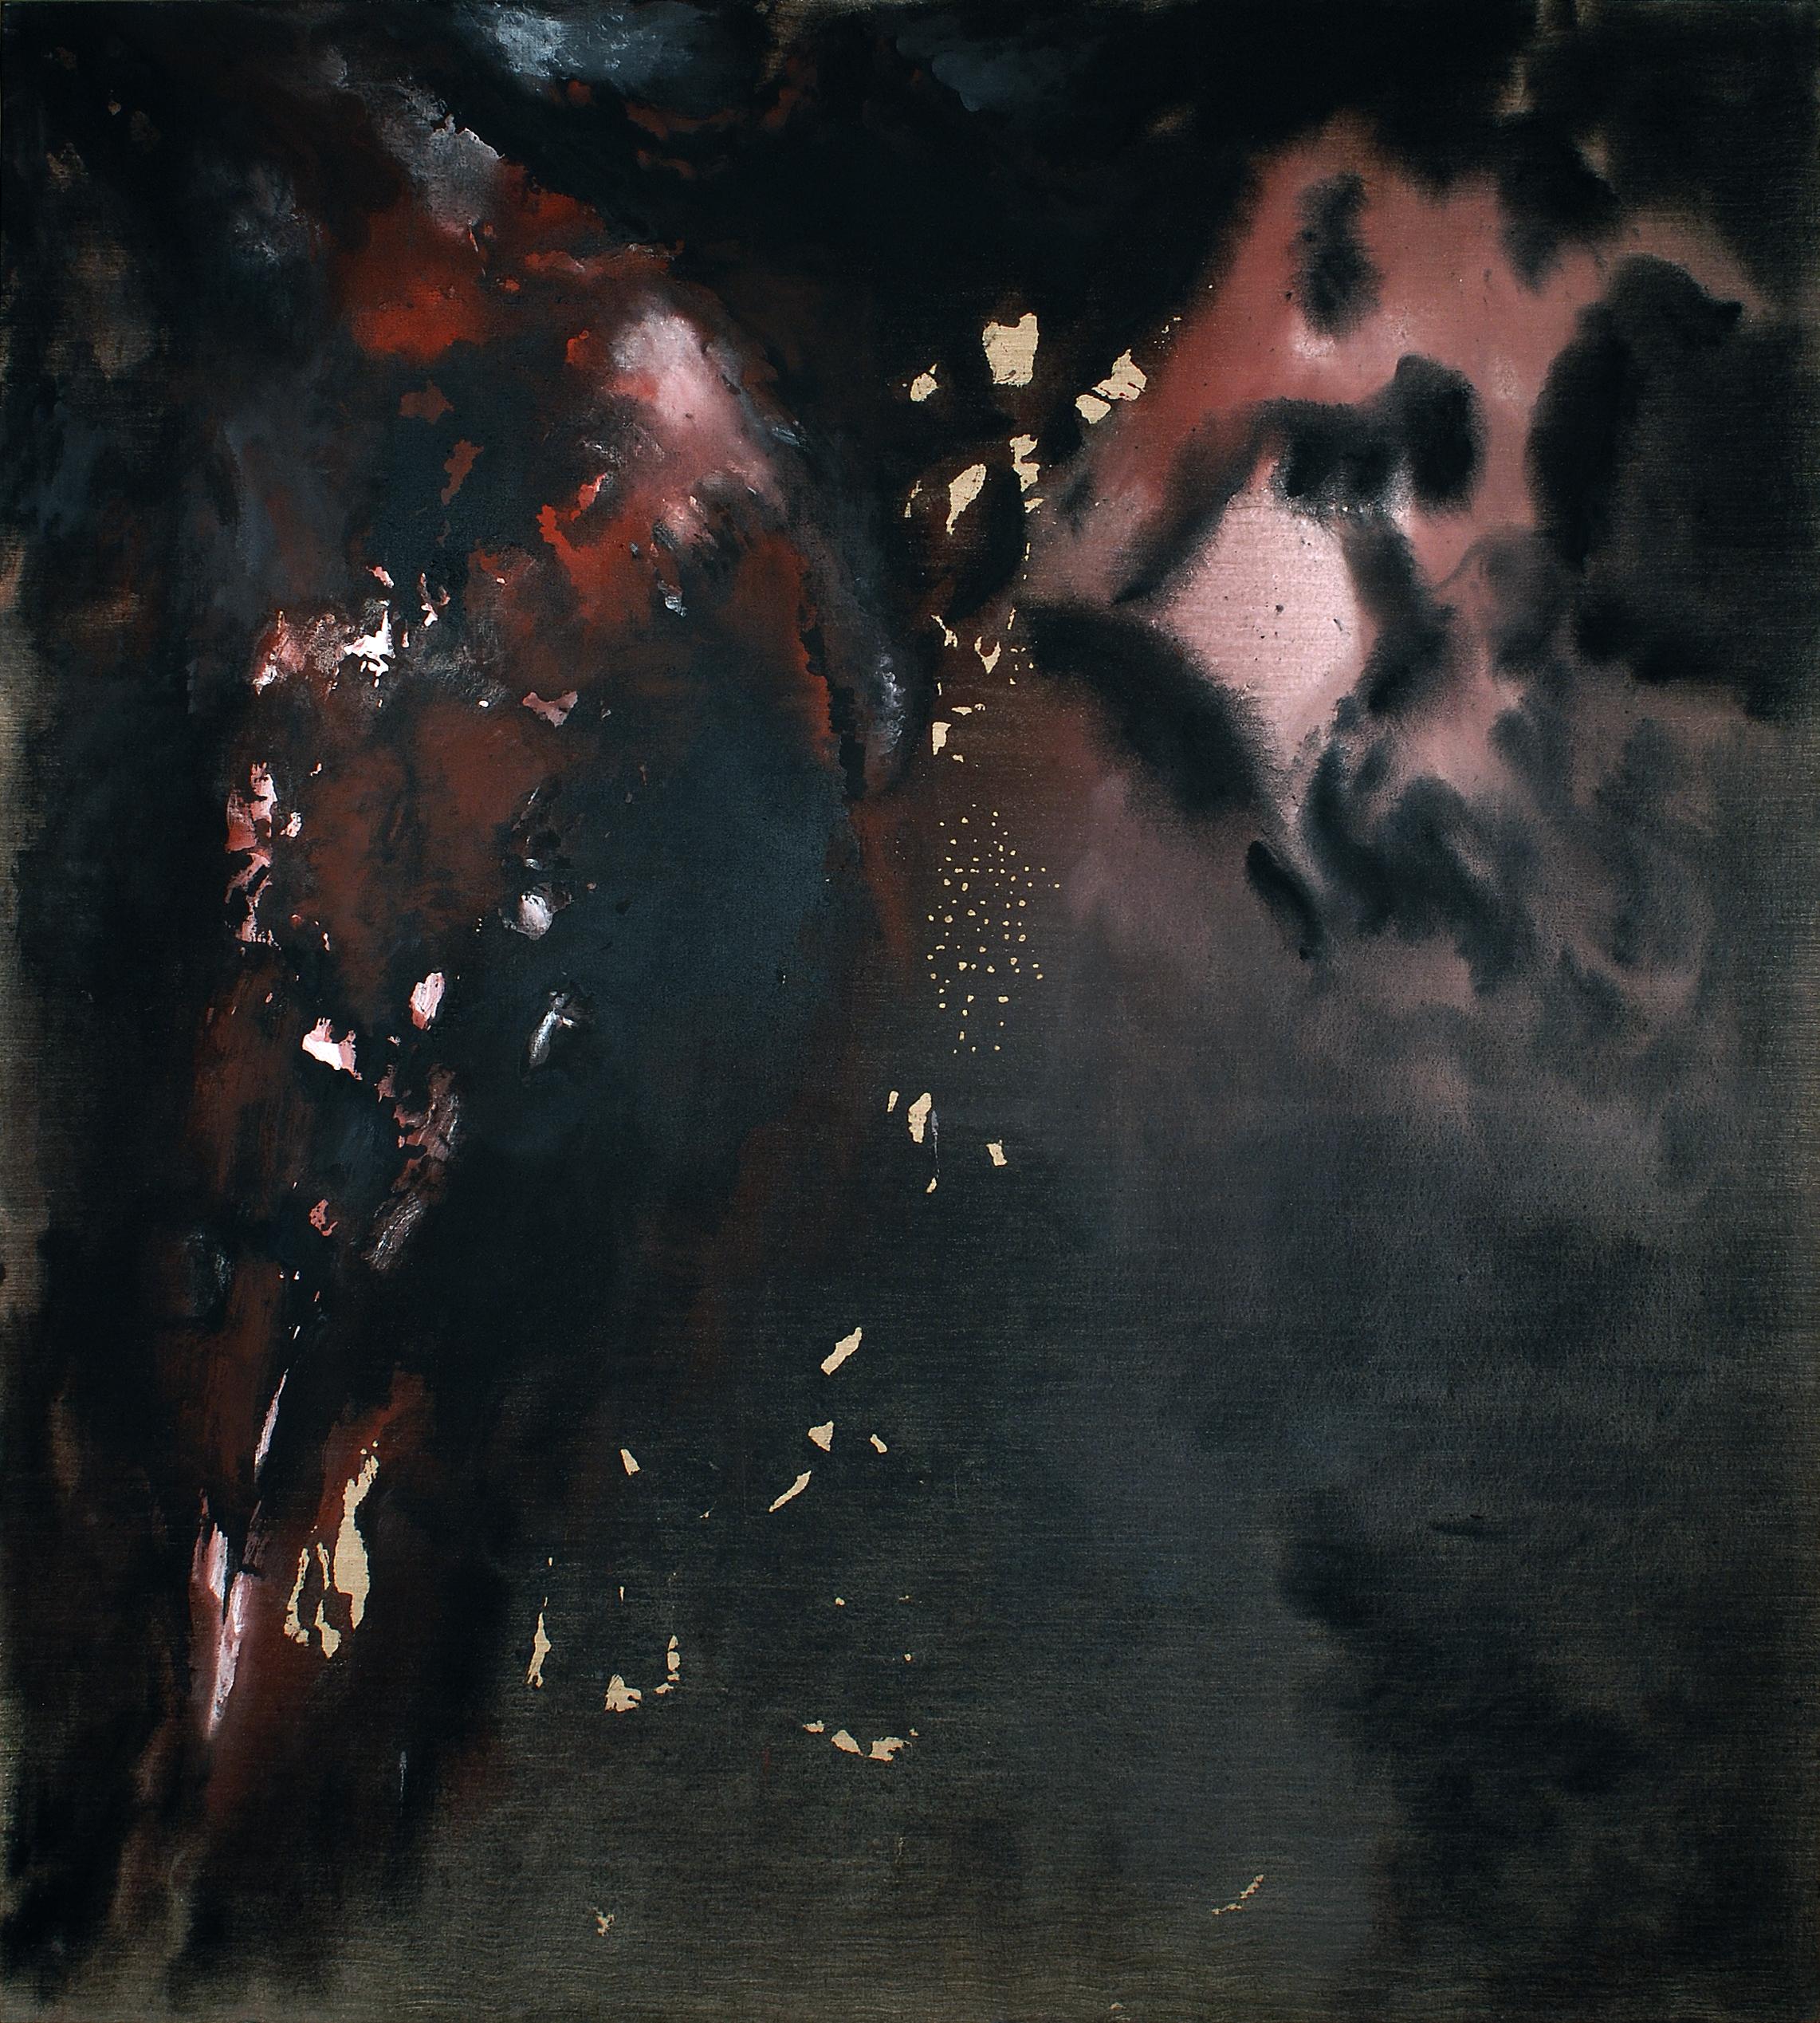 3 agosto, 2004, tempera acrilica su tela, cm 200 x 180  3 agosto, 2004, acrylic tempera on canvas, cm 200 x 180